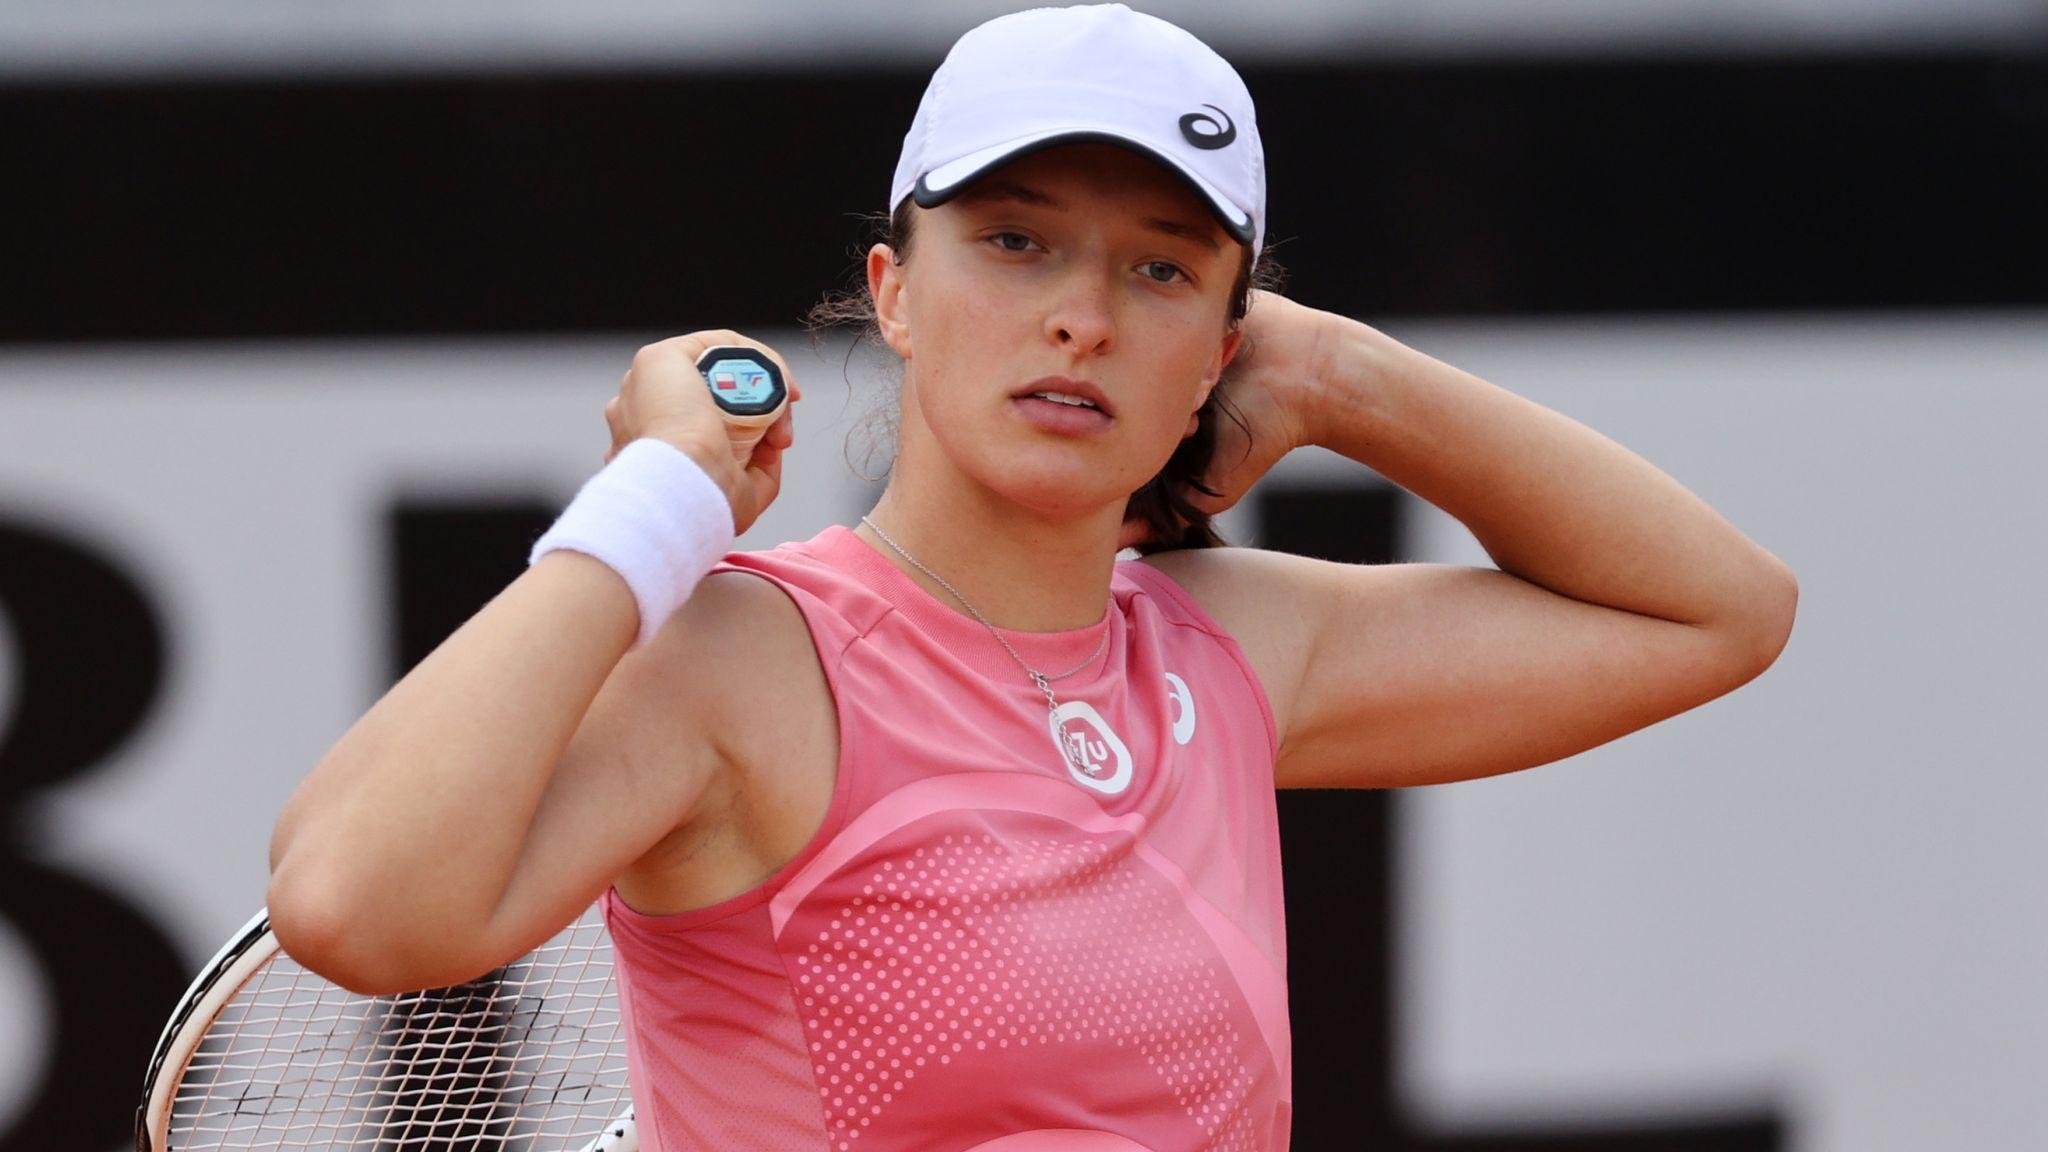 French Open champion Iga Swiatek wins twice in a day to set up Rome final  with Karolina Pliskova   Tennis News   Sky Sports